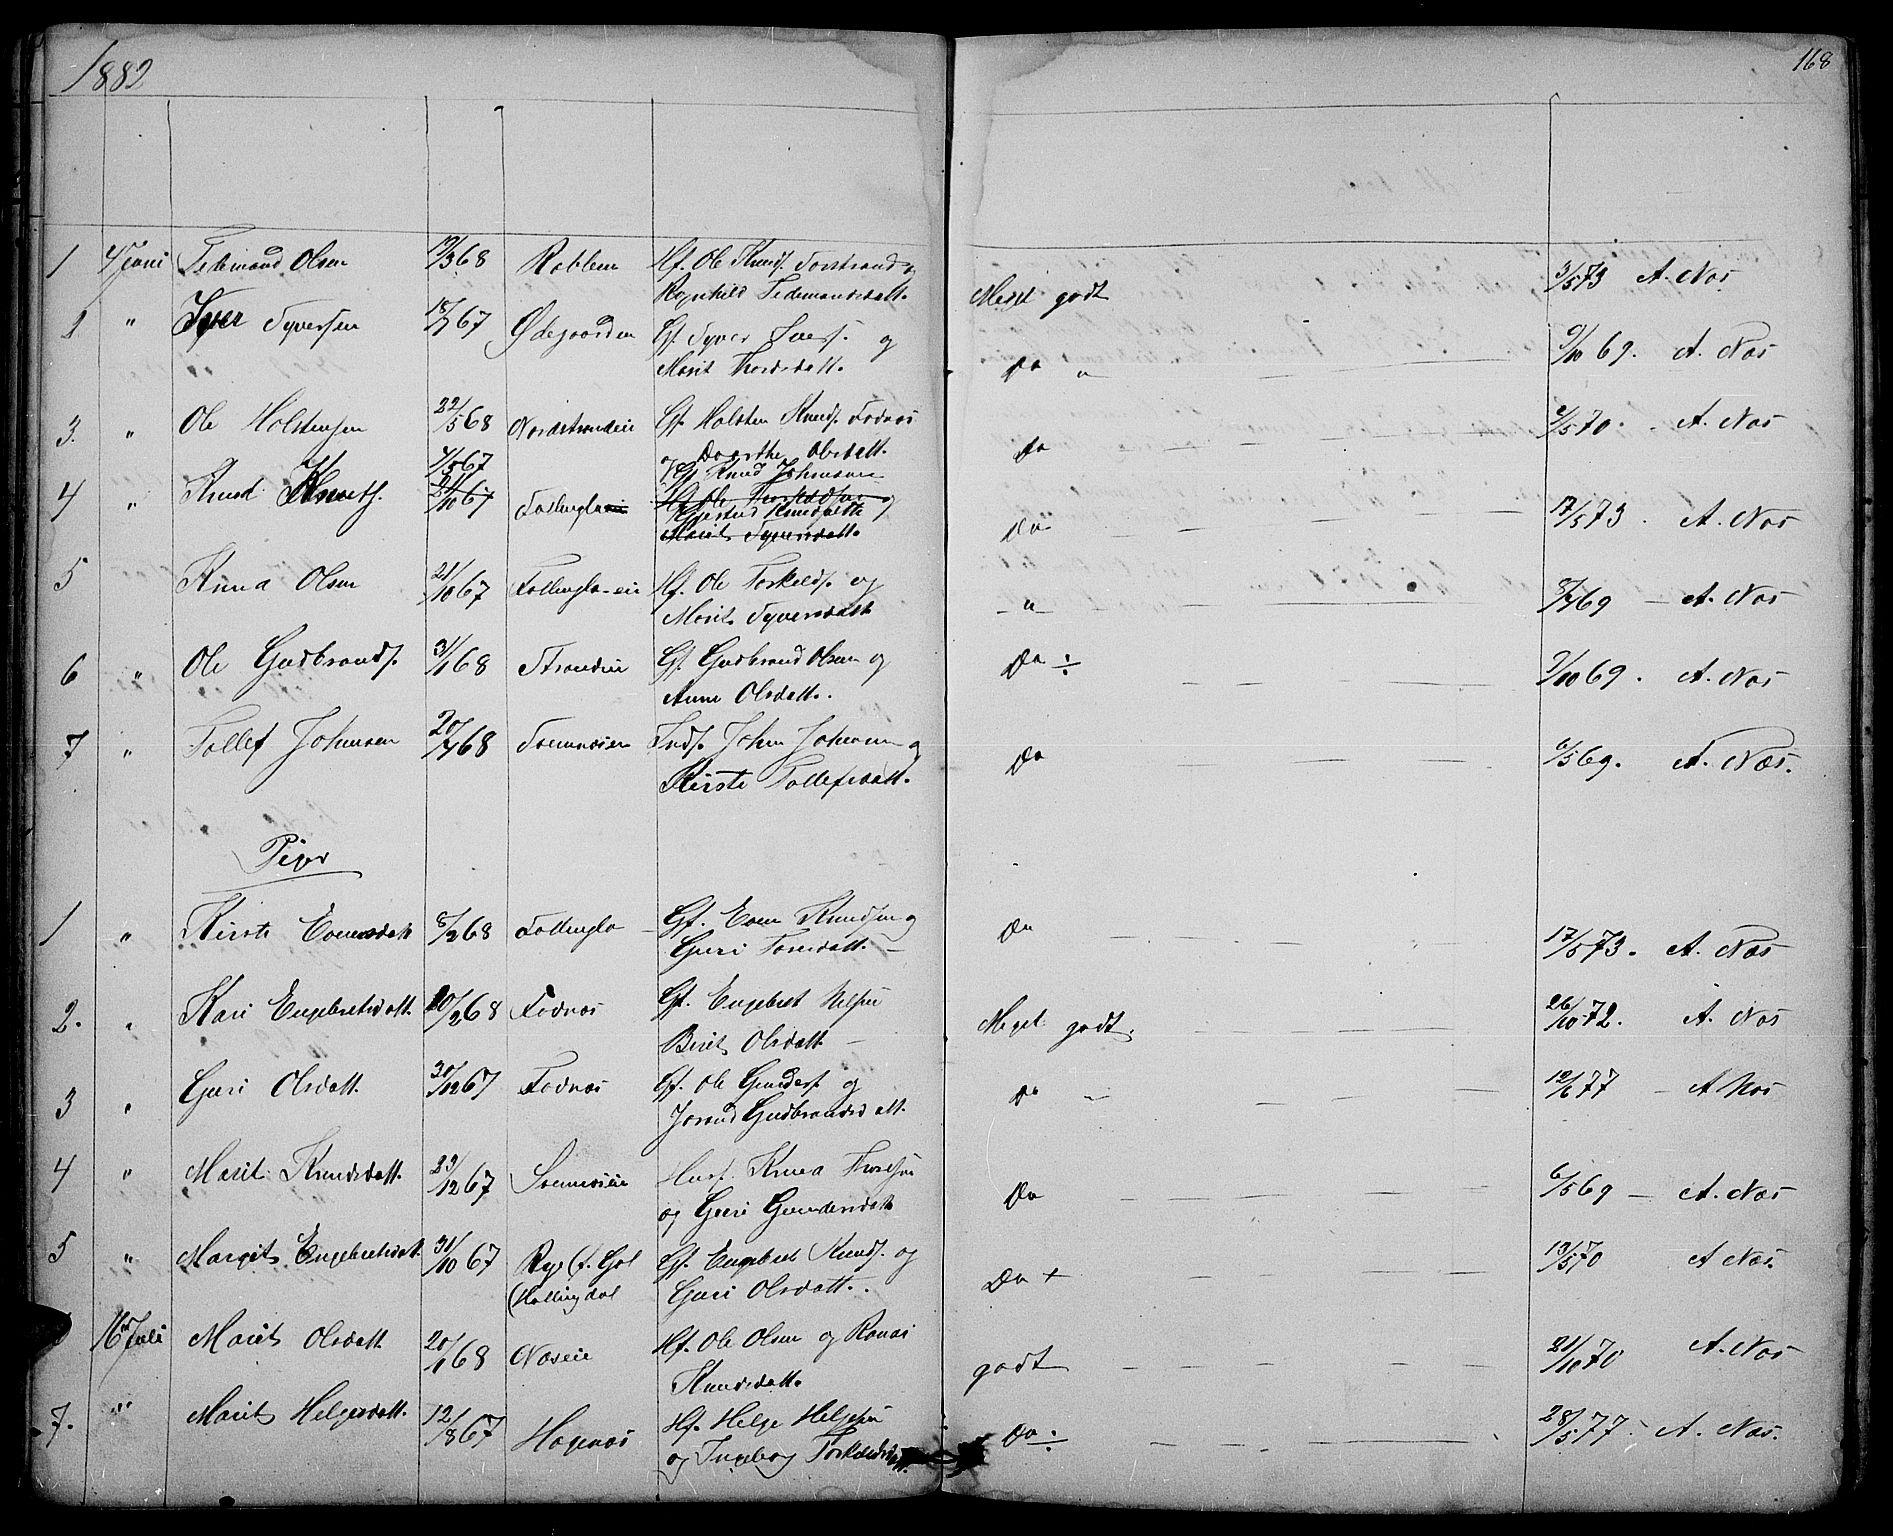 SAH, Nord-Aurdal prestekontor, Klokkerbok nr. 3, 1842-1882, s. 168